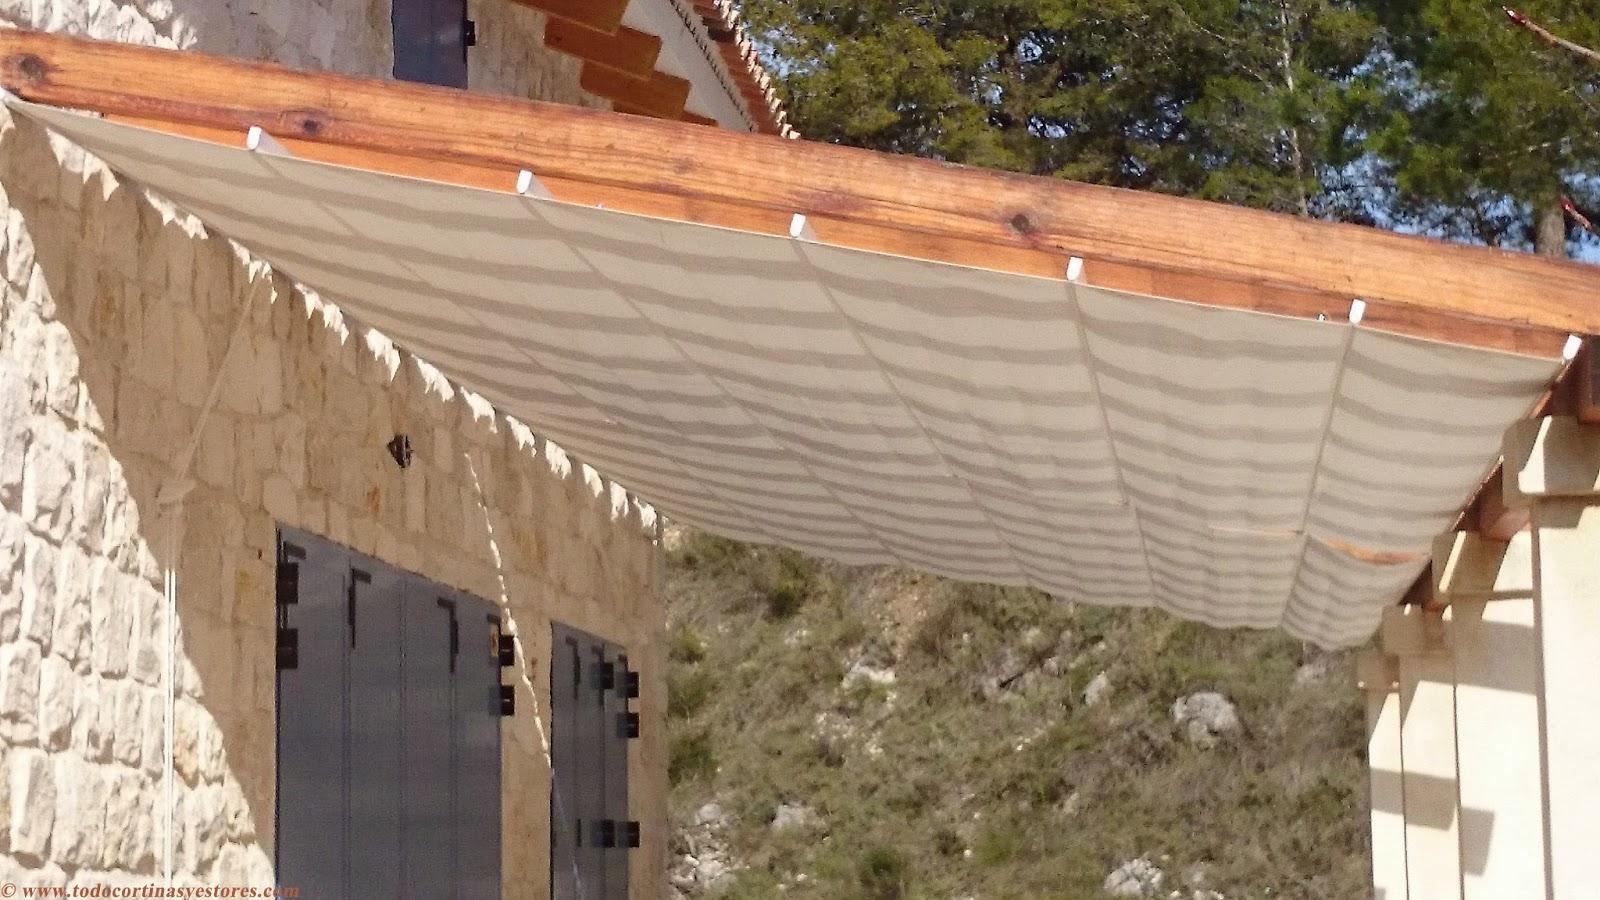 Decoracion interior cortinas verticales estores - Toldos para pergolas de madera ...